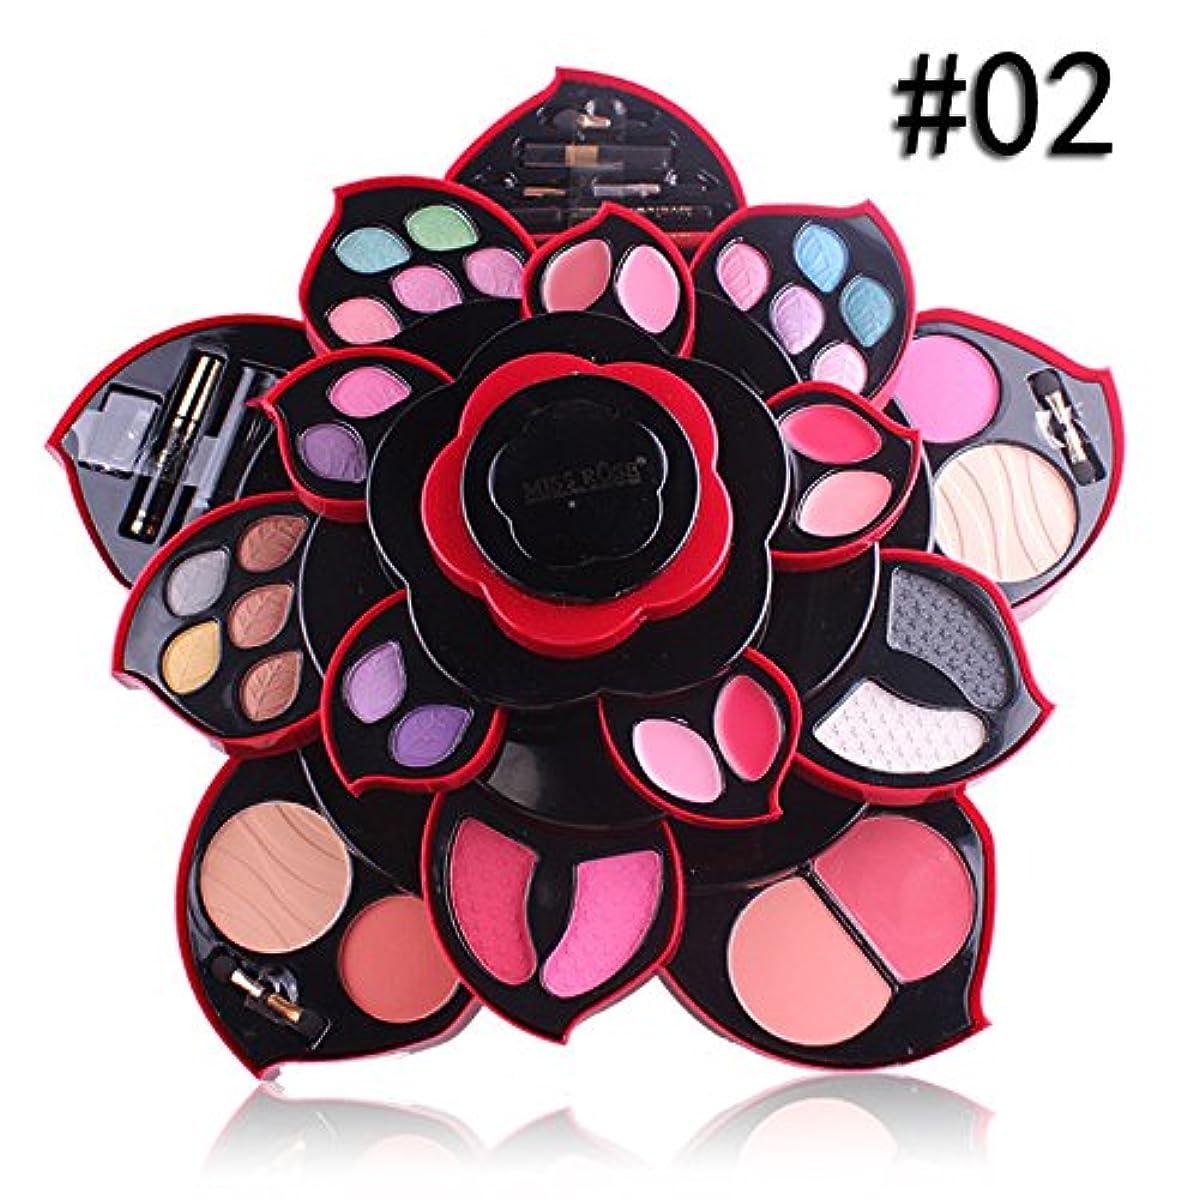 財産変更可能近似ビューティー アイシャドー BOBOGOJP アイシャドウセット ファッション 23色 梅の花デザイン メイクボックス 回転多機能化粧品 プロ化粧師 メイクの達人 プレゼント (B)